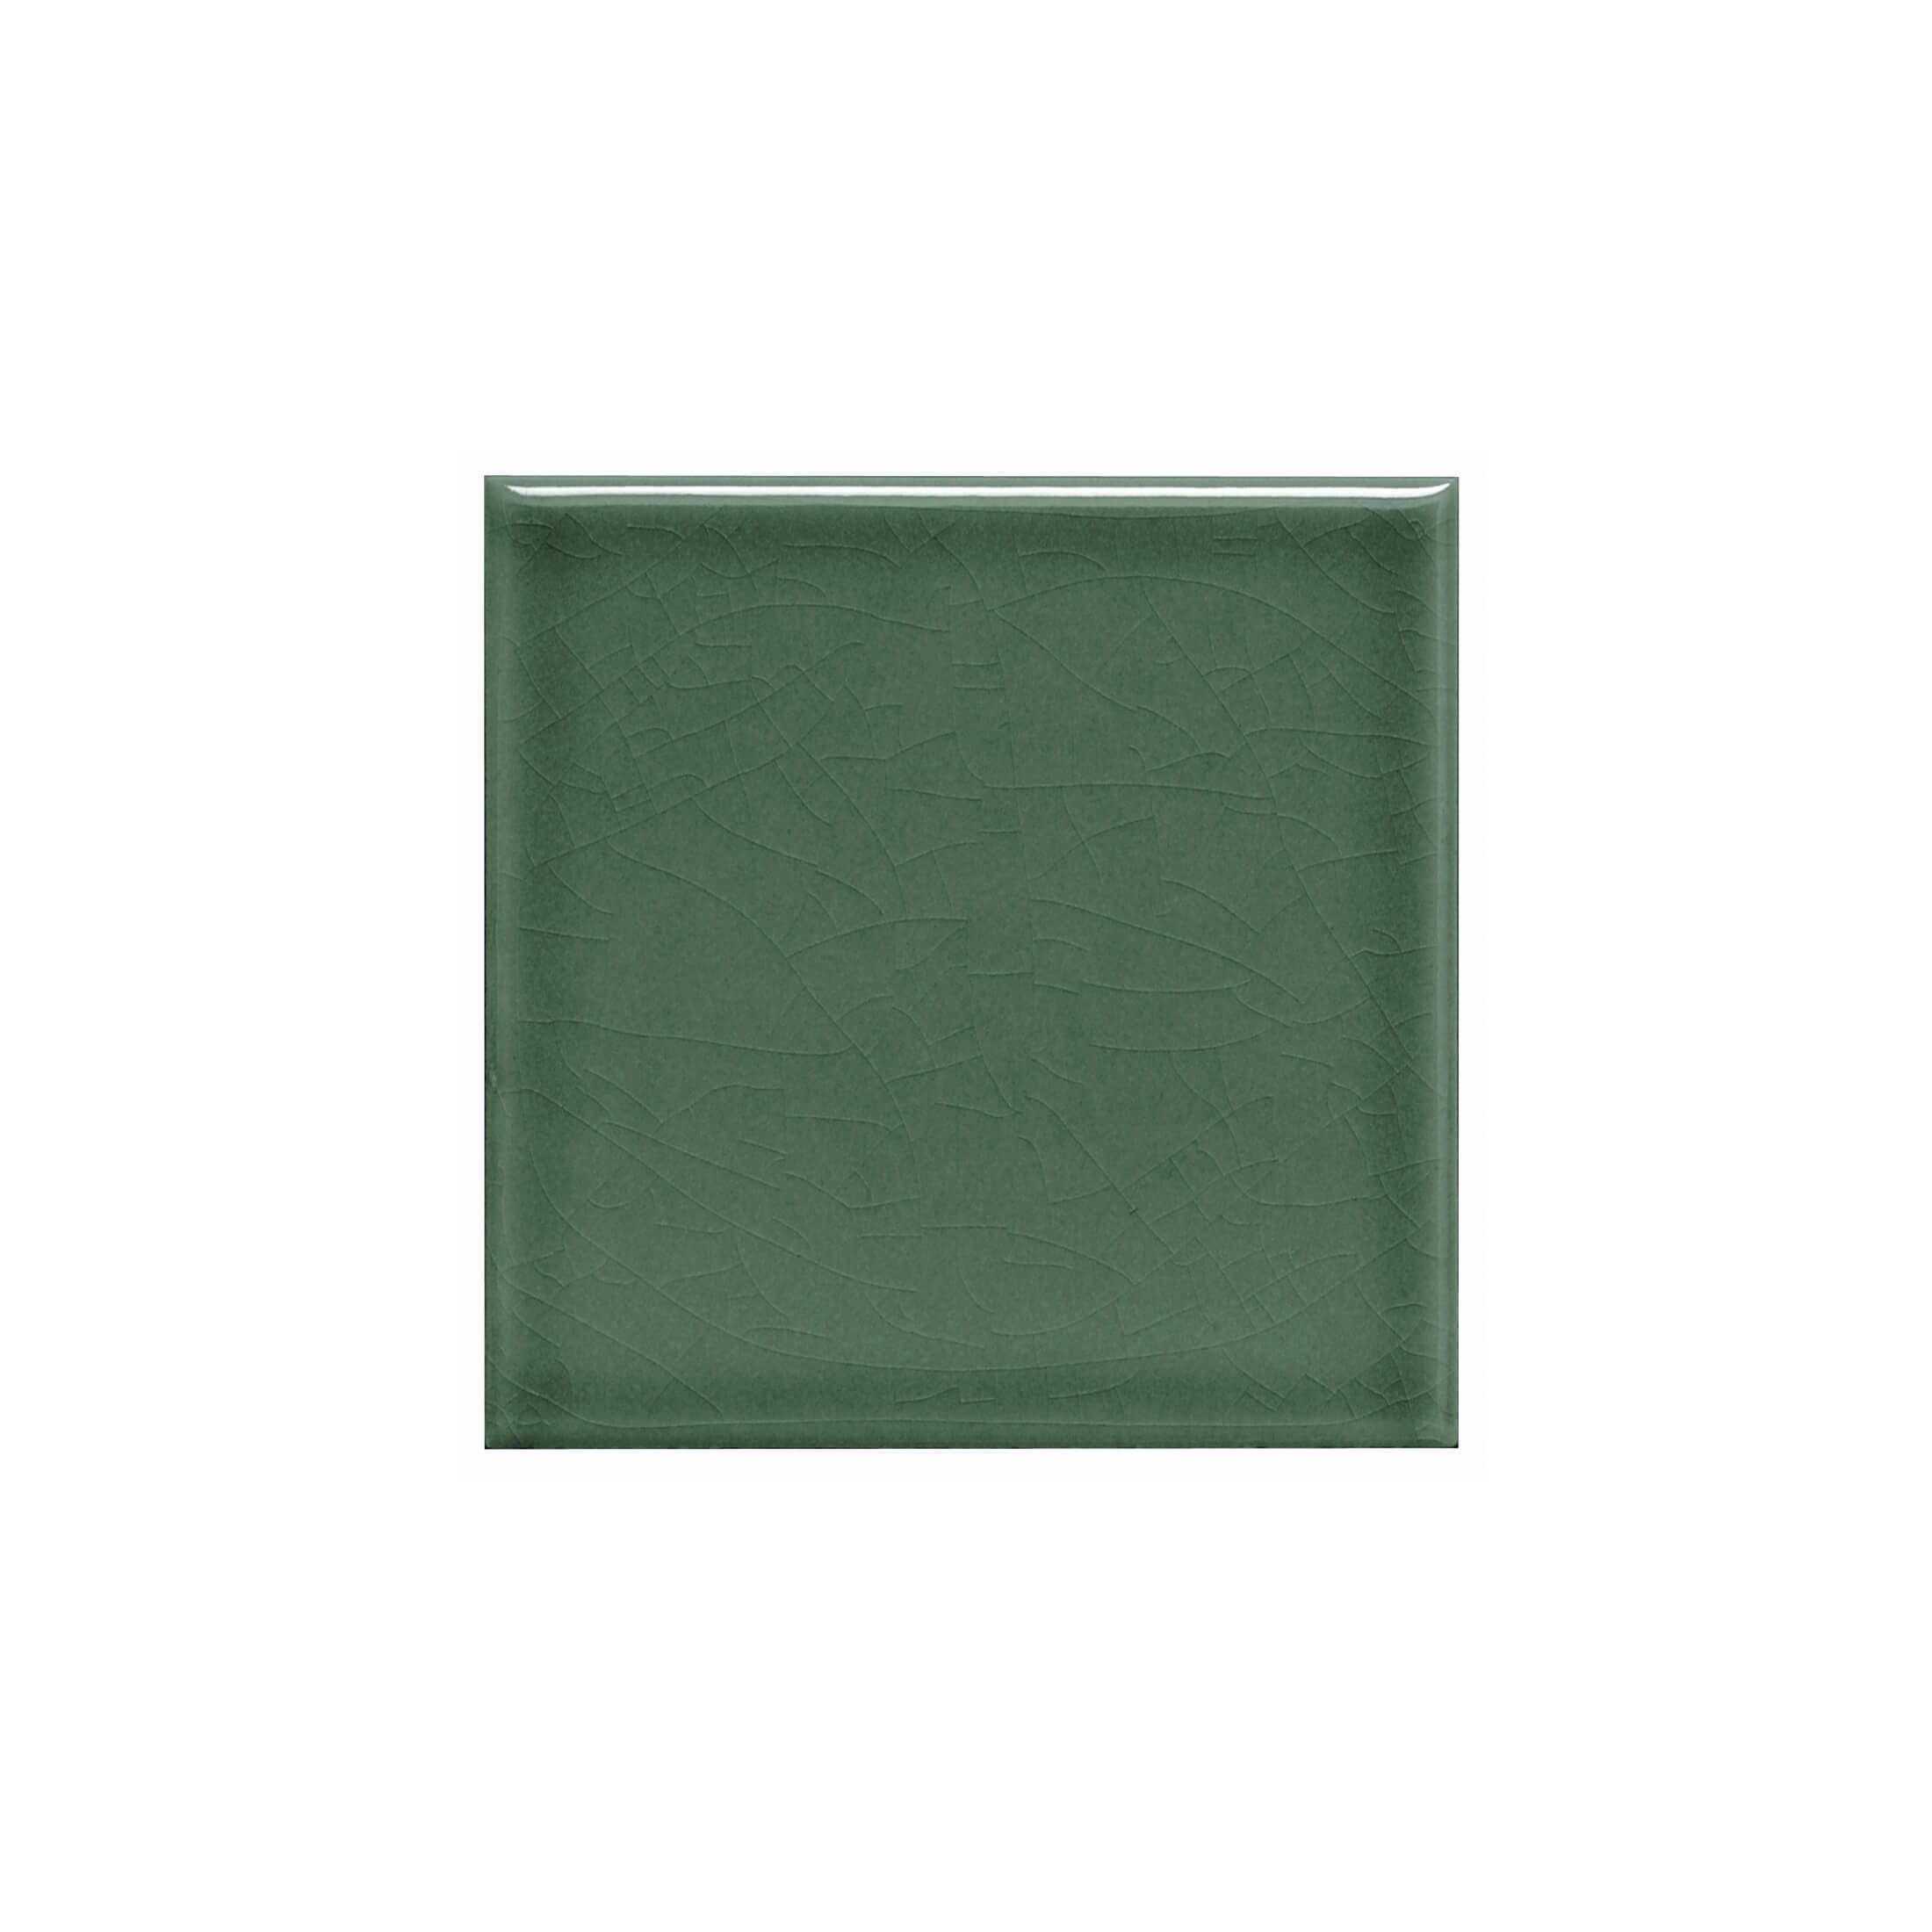 ADMO1023 - LISO PB C/C - 15 cm X 15 cm